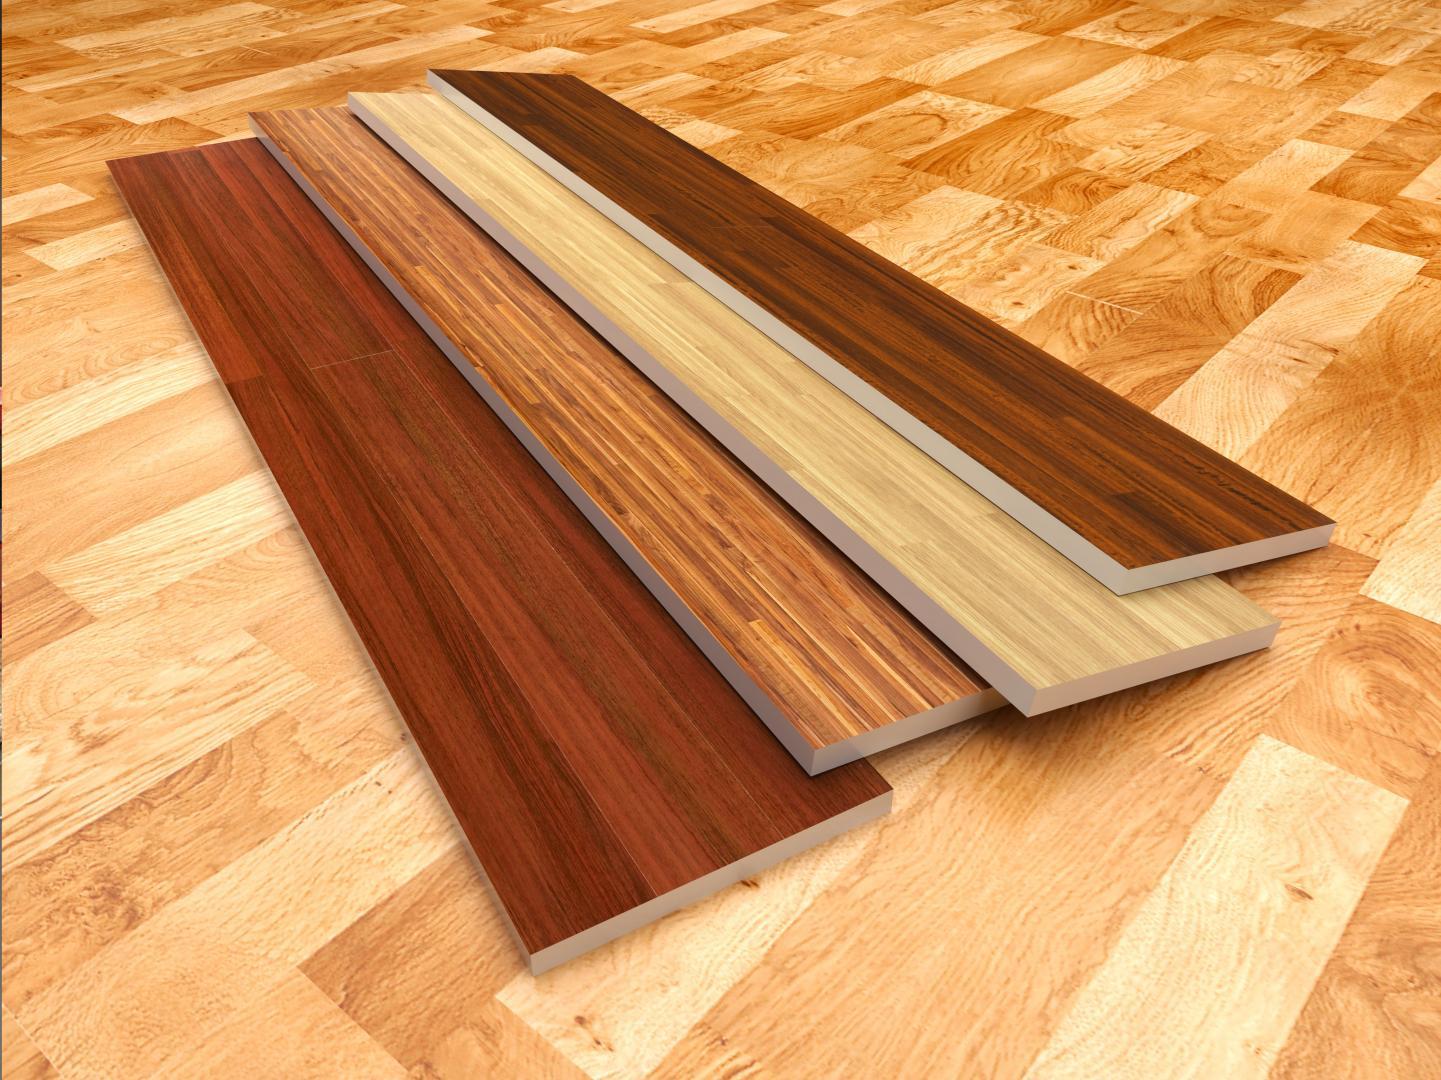 la dur e de vie d un plancher de bois franc startup caf. Black Bedroom Furniture Sets. Home Design Ideas